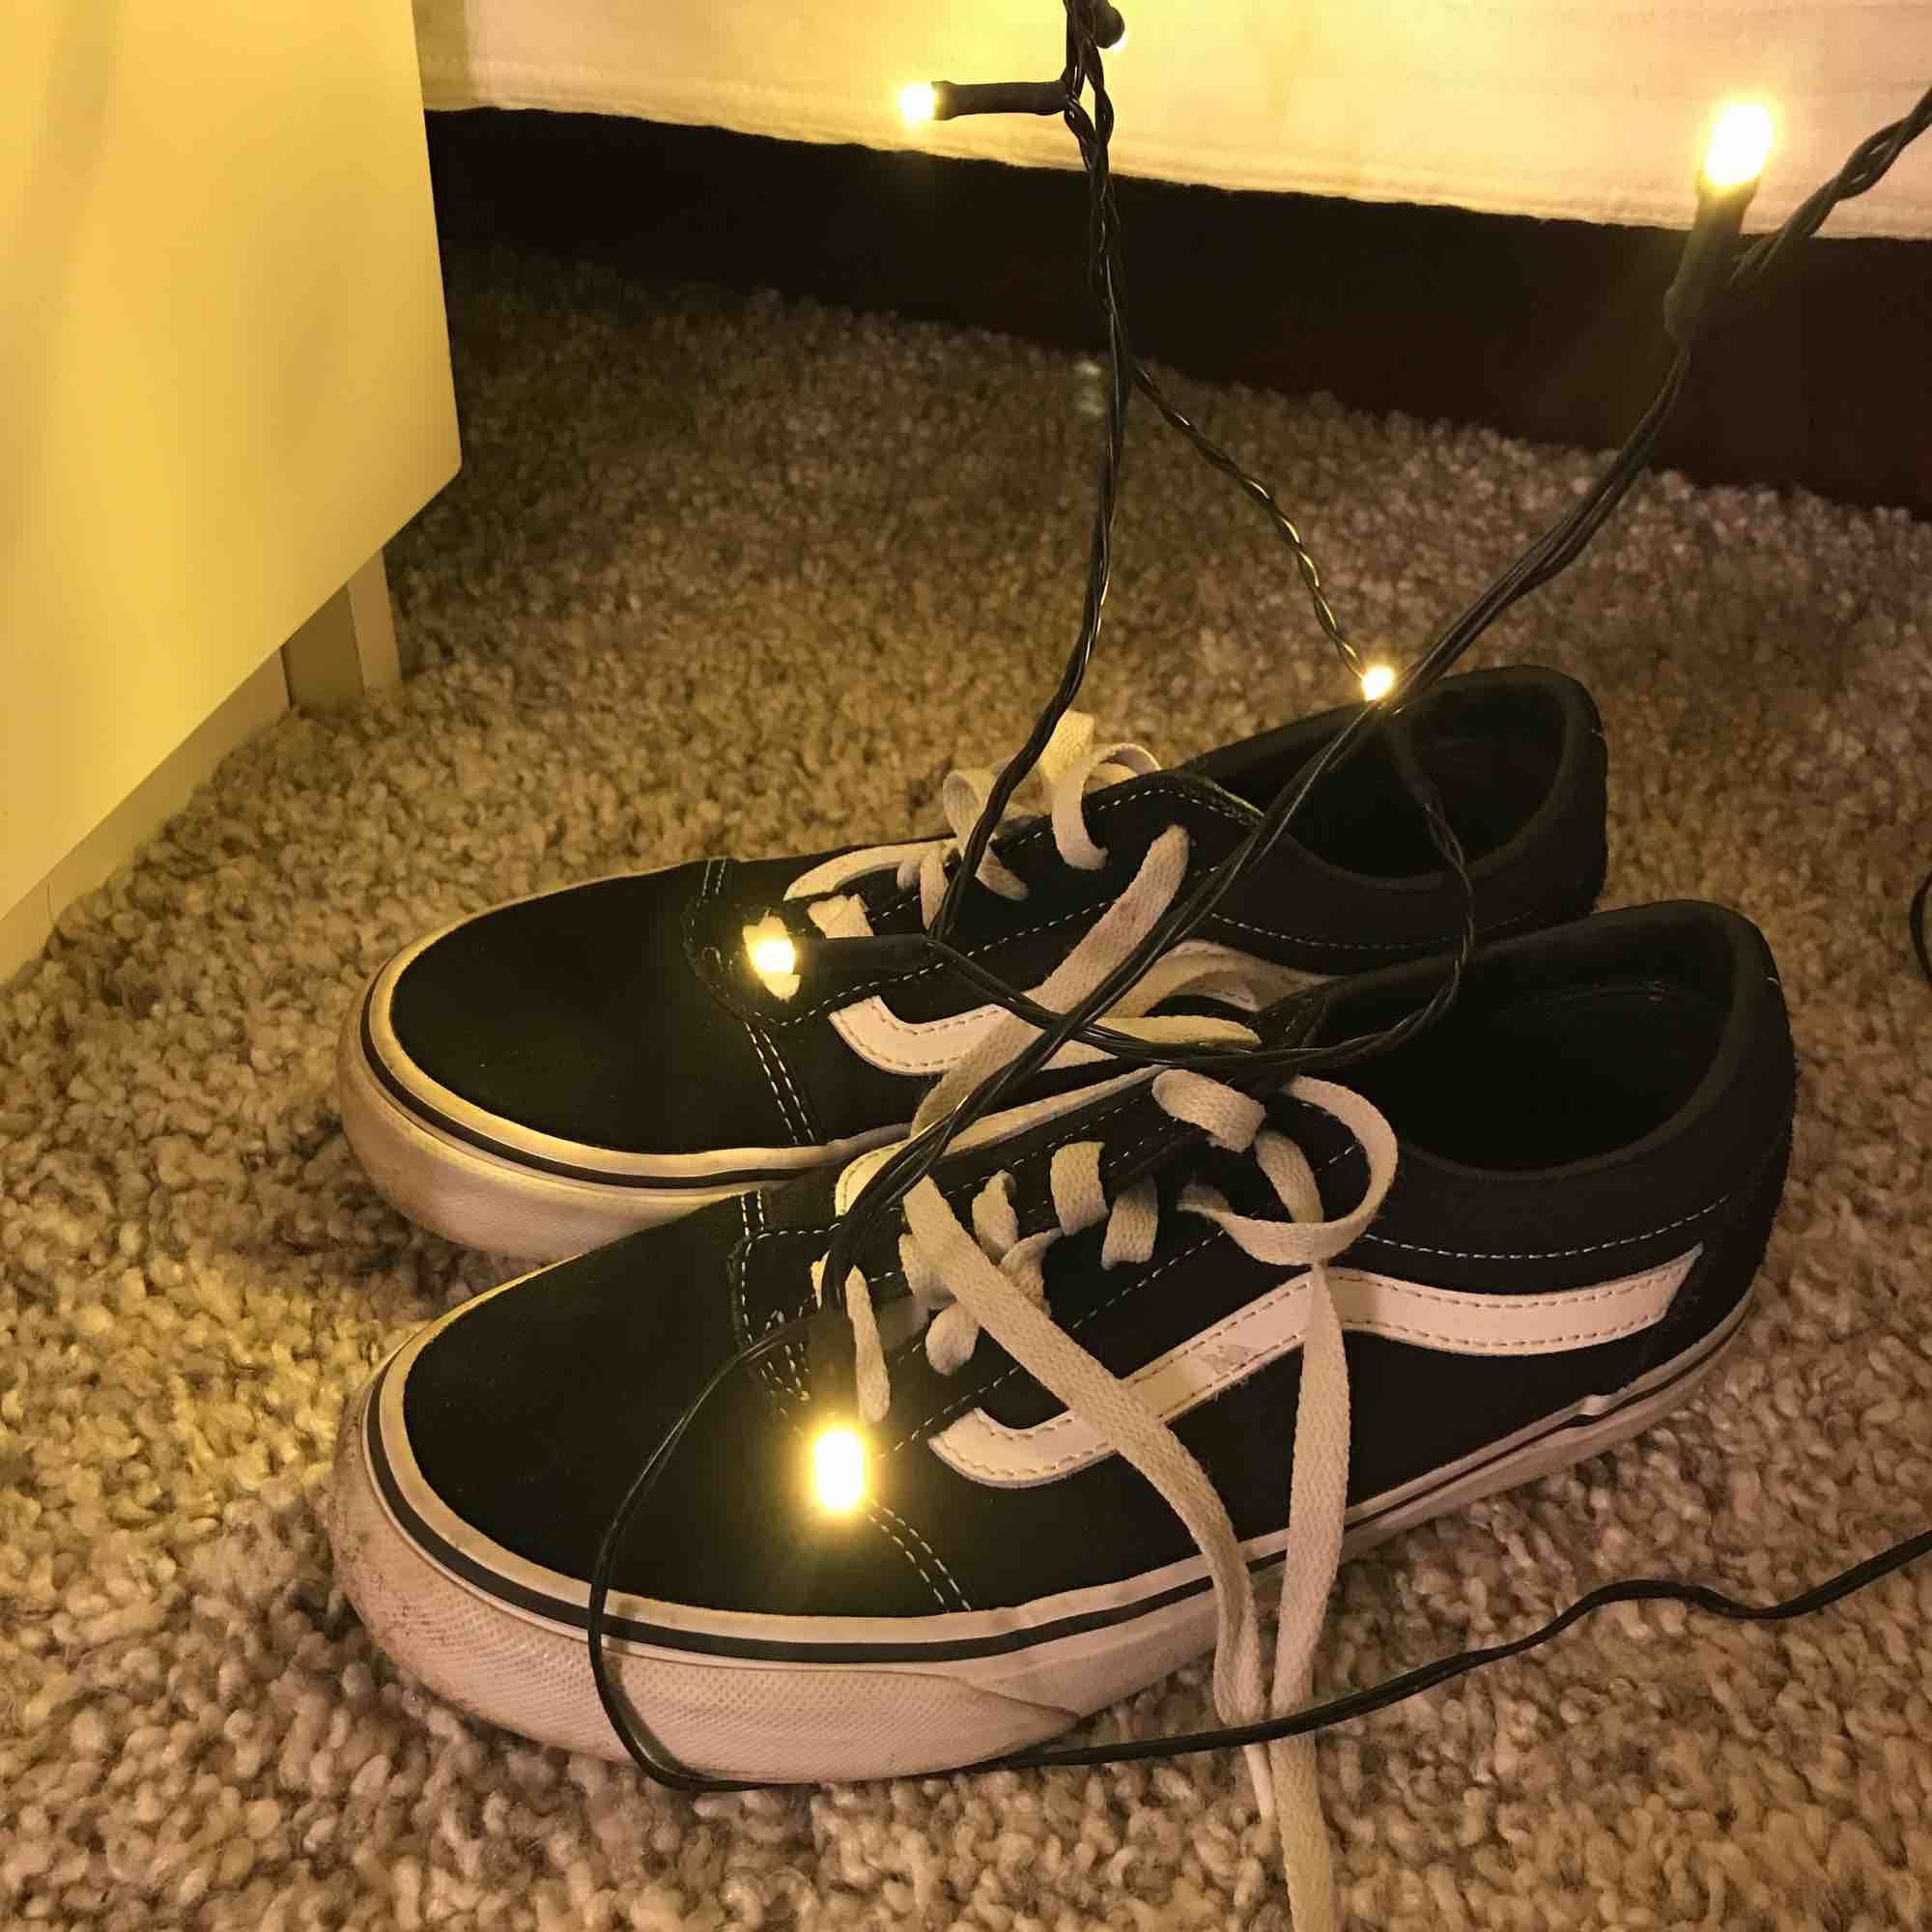 Säljer dessa super coola vans!! Original priset var 800 men nu när de blivit för små säljer jag dem 🎊 kunden står för frakten. Det är använda få gånger och lite av loggan på hälen av skon är borta men annars är de i super skick🥰. Skor.